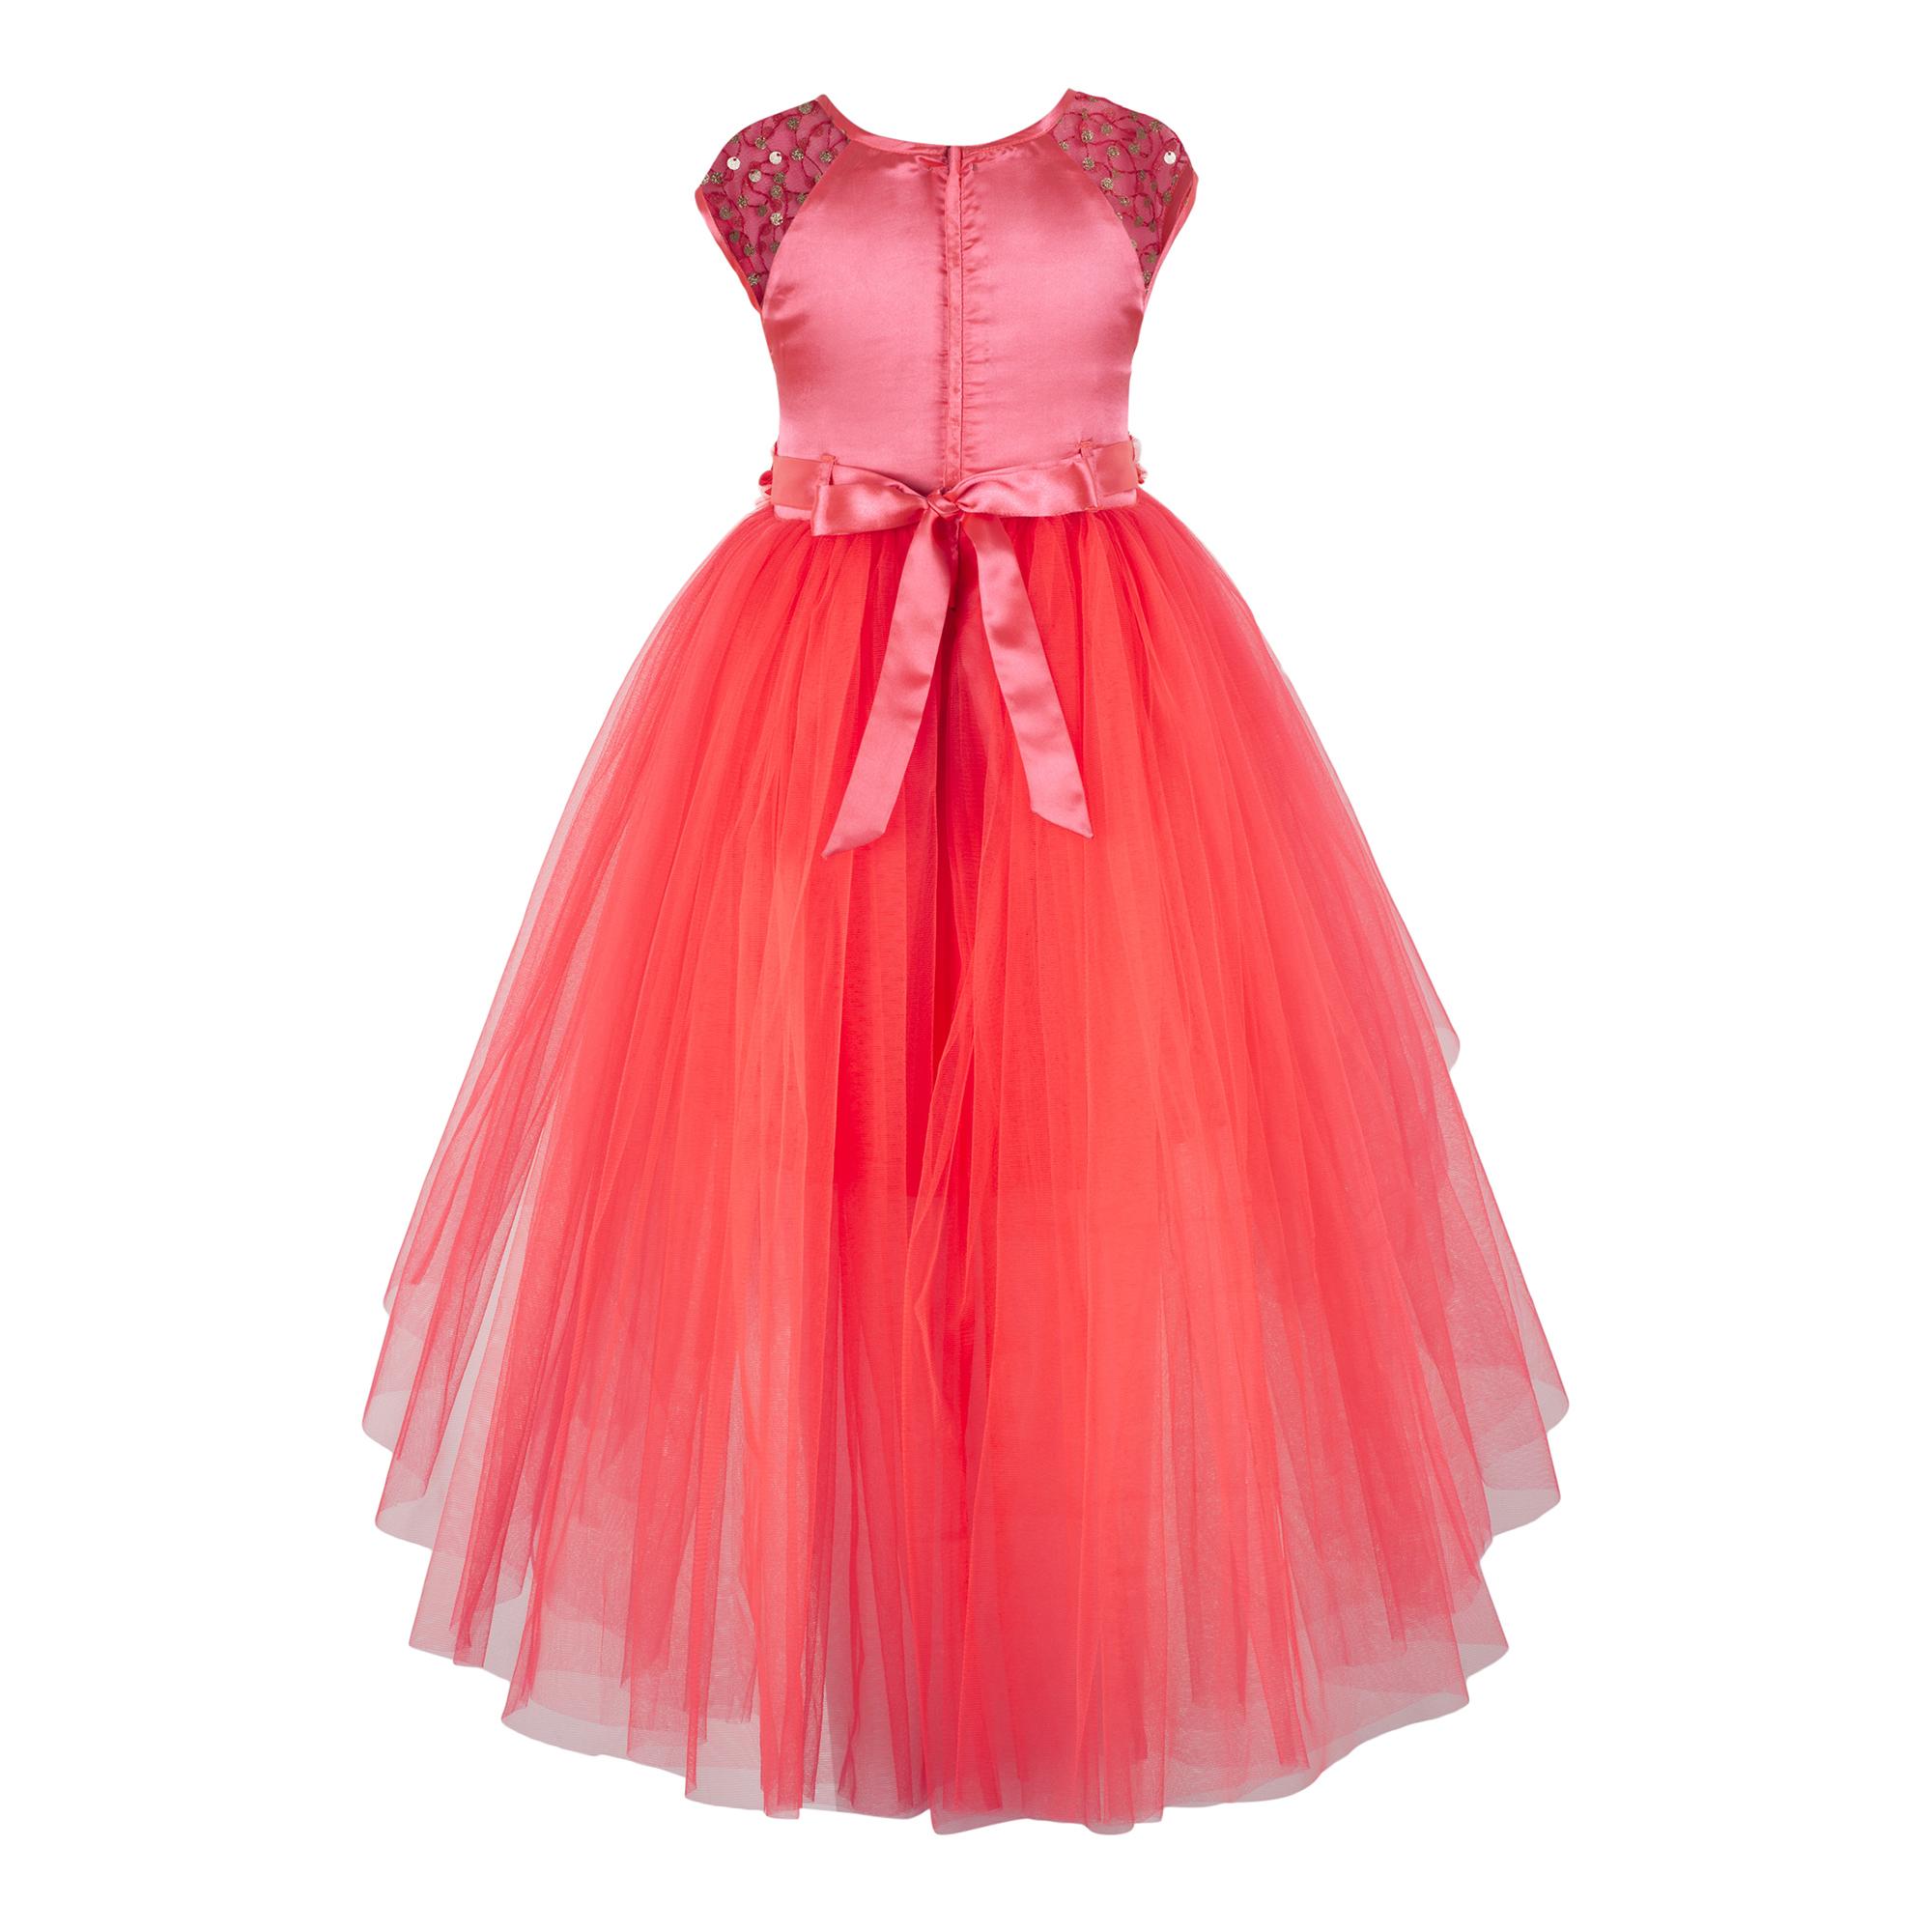 Sequins Embellished Orange  Dress.